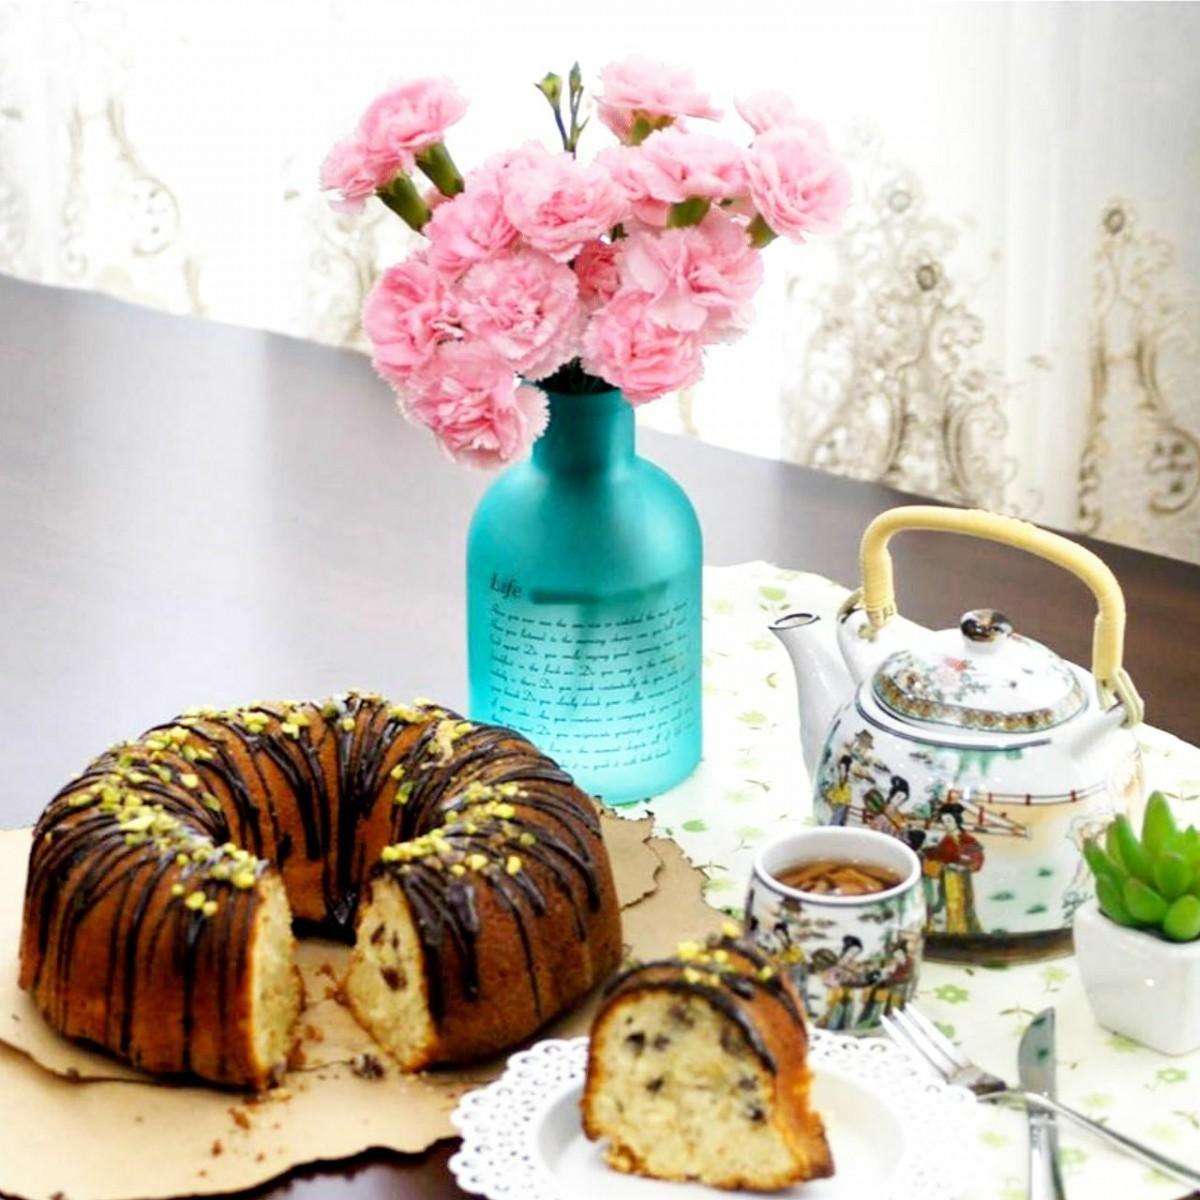 طرز تهیه کیک ساده برای 8 نفر با پف زیاد+تصاویر تزیین کیک